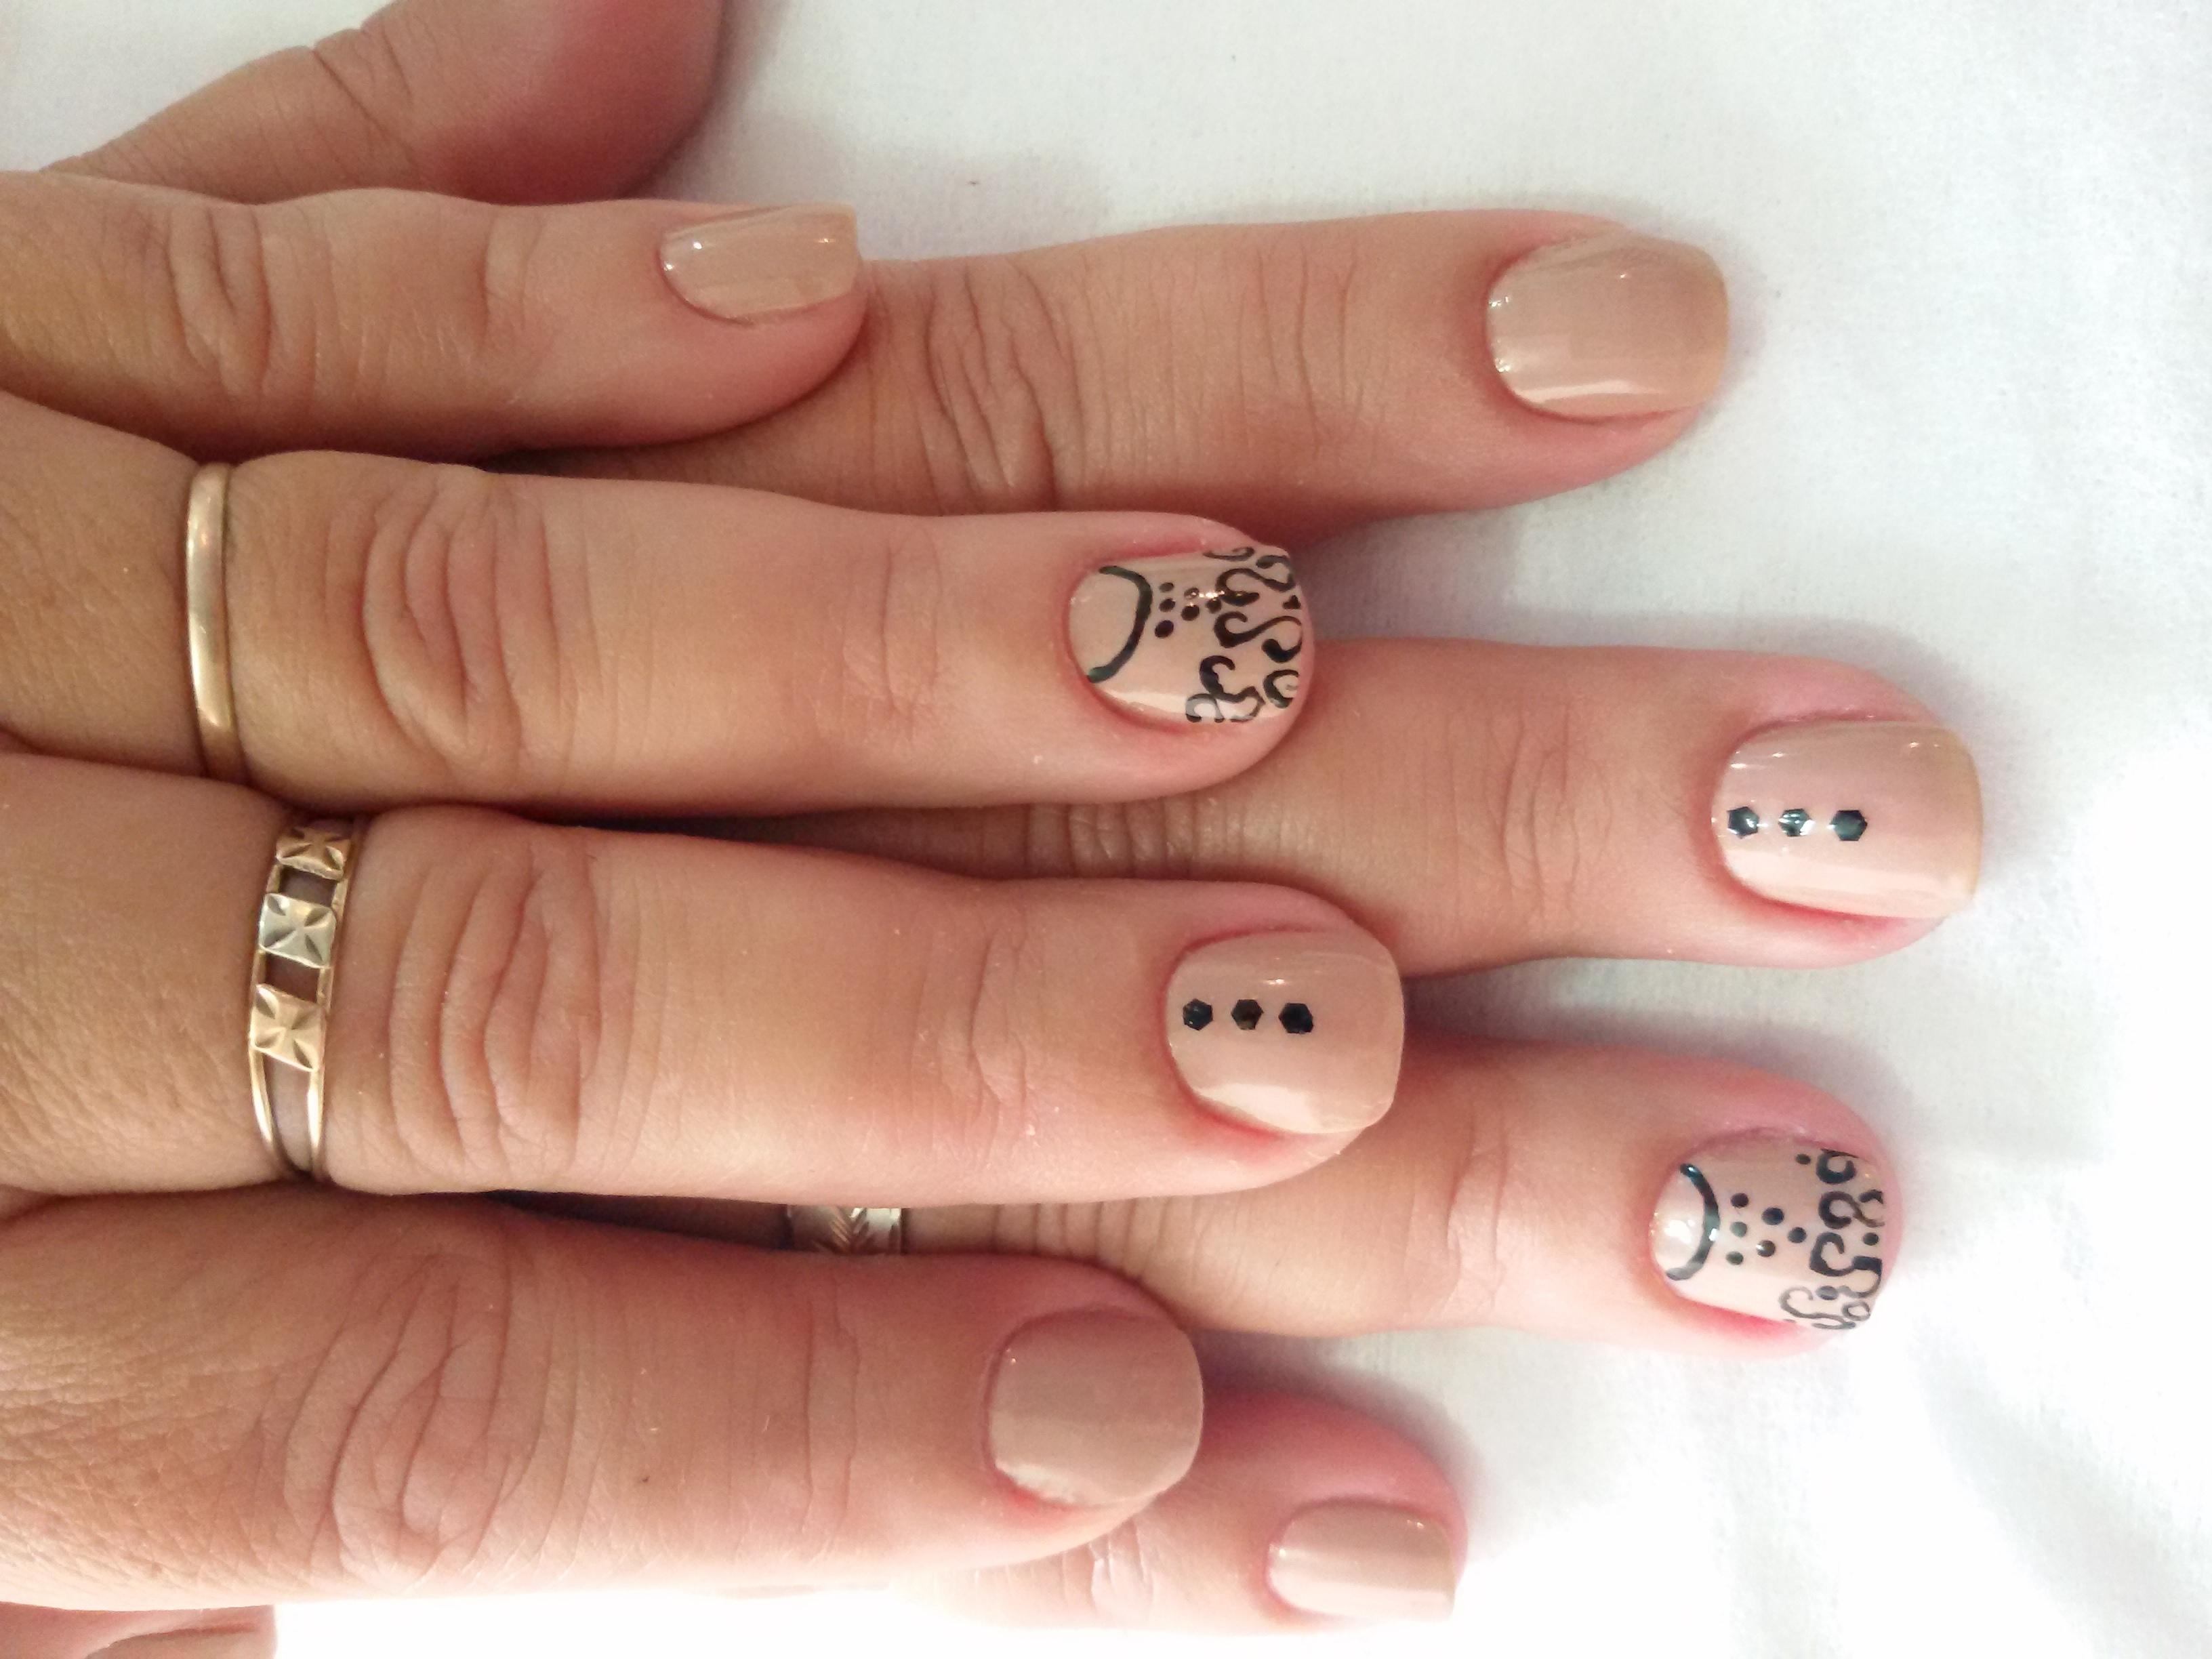 Trabalhos realizados a mão livre Nude unhas  cabeleireiro(a) manicure e pedicure maquiador(a) depilador(a) designer de sobrancelhas escovista